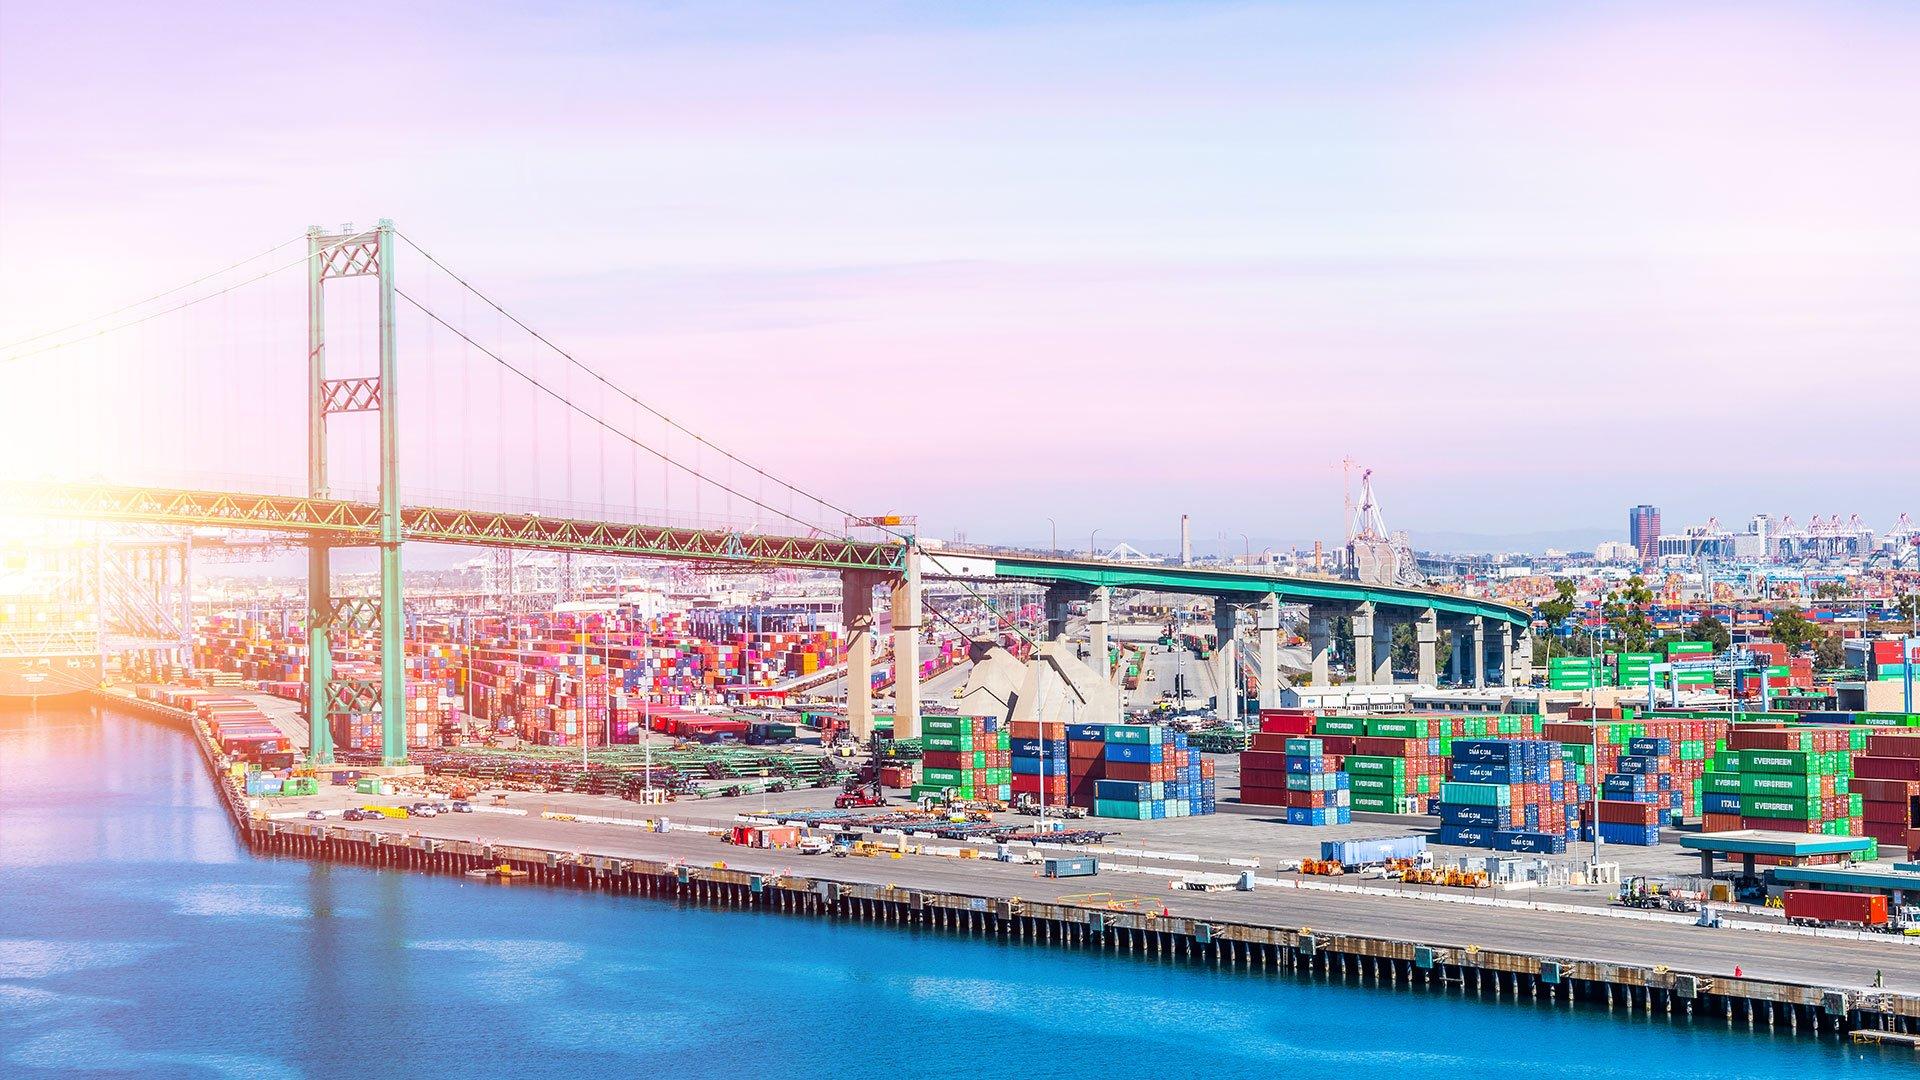 Die Vincent-Thomas-Brücke verbindet den Hafen von Los Angeles mit Terminal Island in San Pedro, Kalifornien